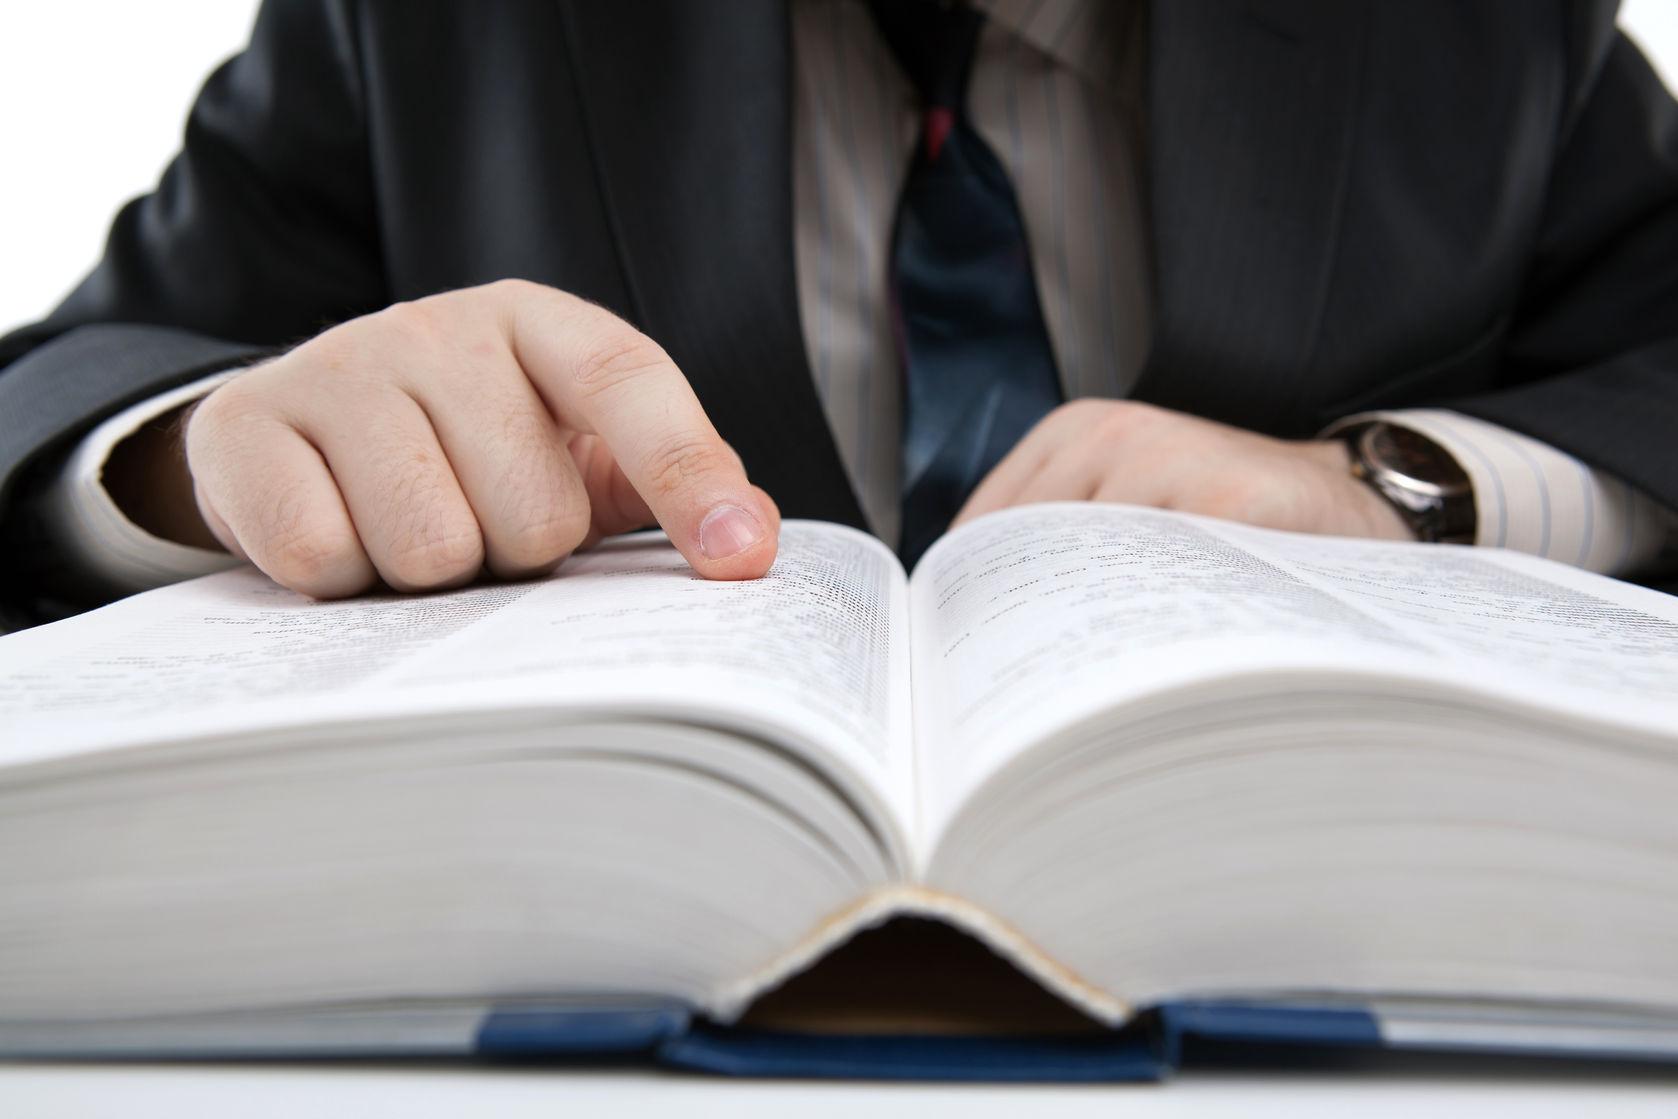 Guía básica sobre marcas y abreviaturas de diccionarios